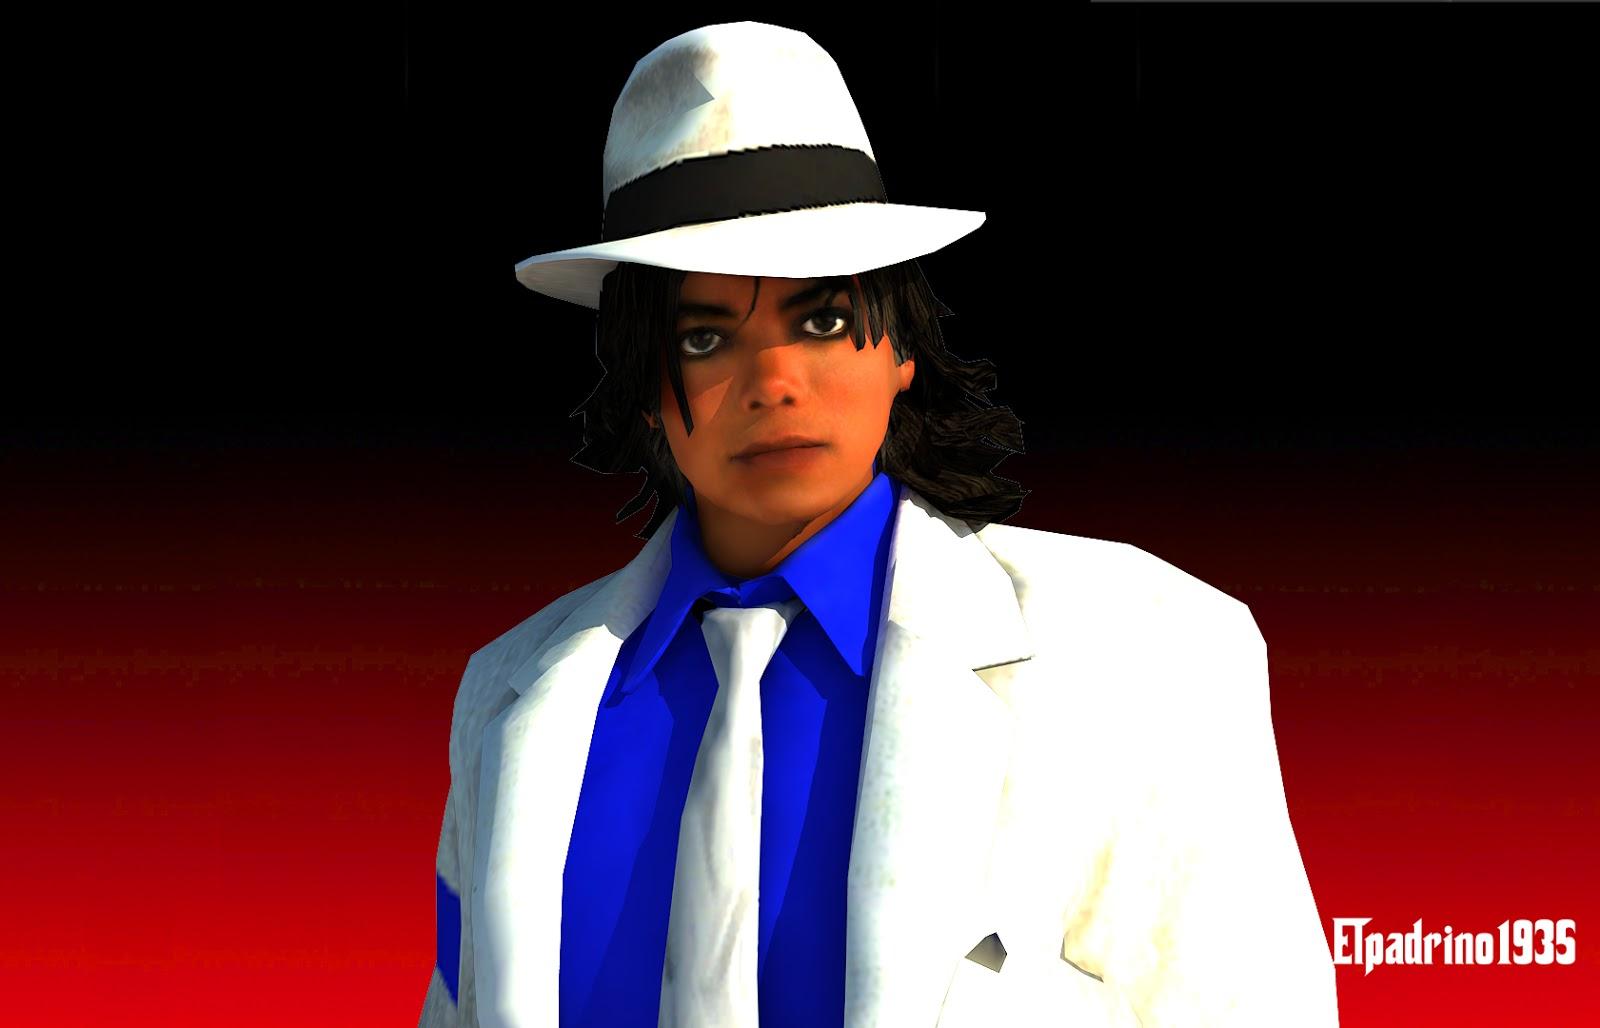 Elpadrino1935 Skins: Michael Jackson - Smooth Criminal ...